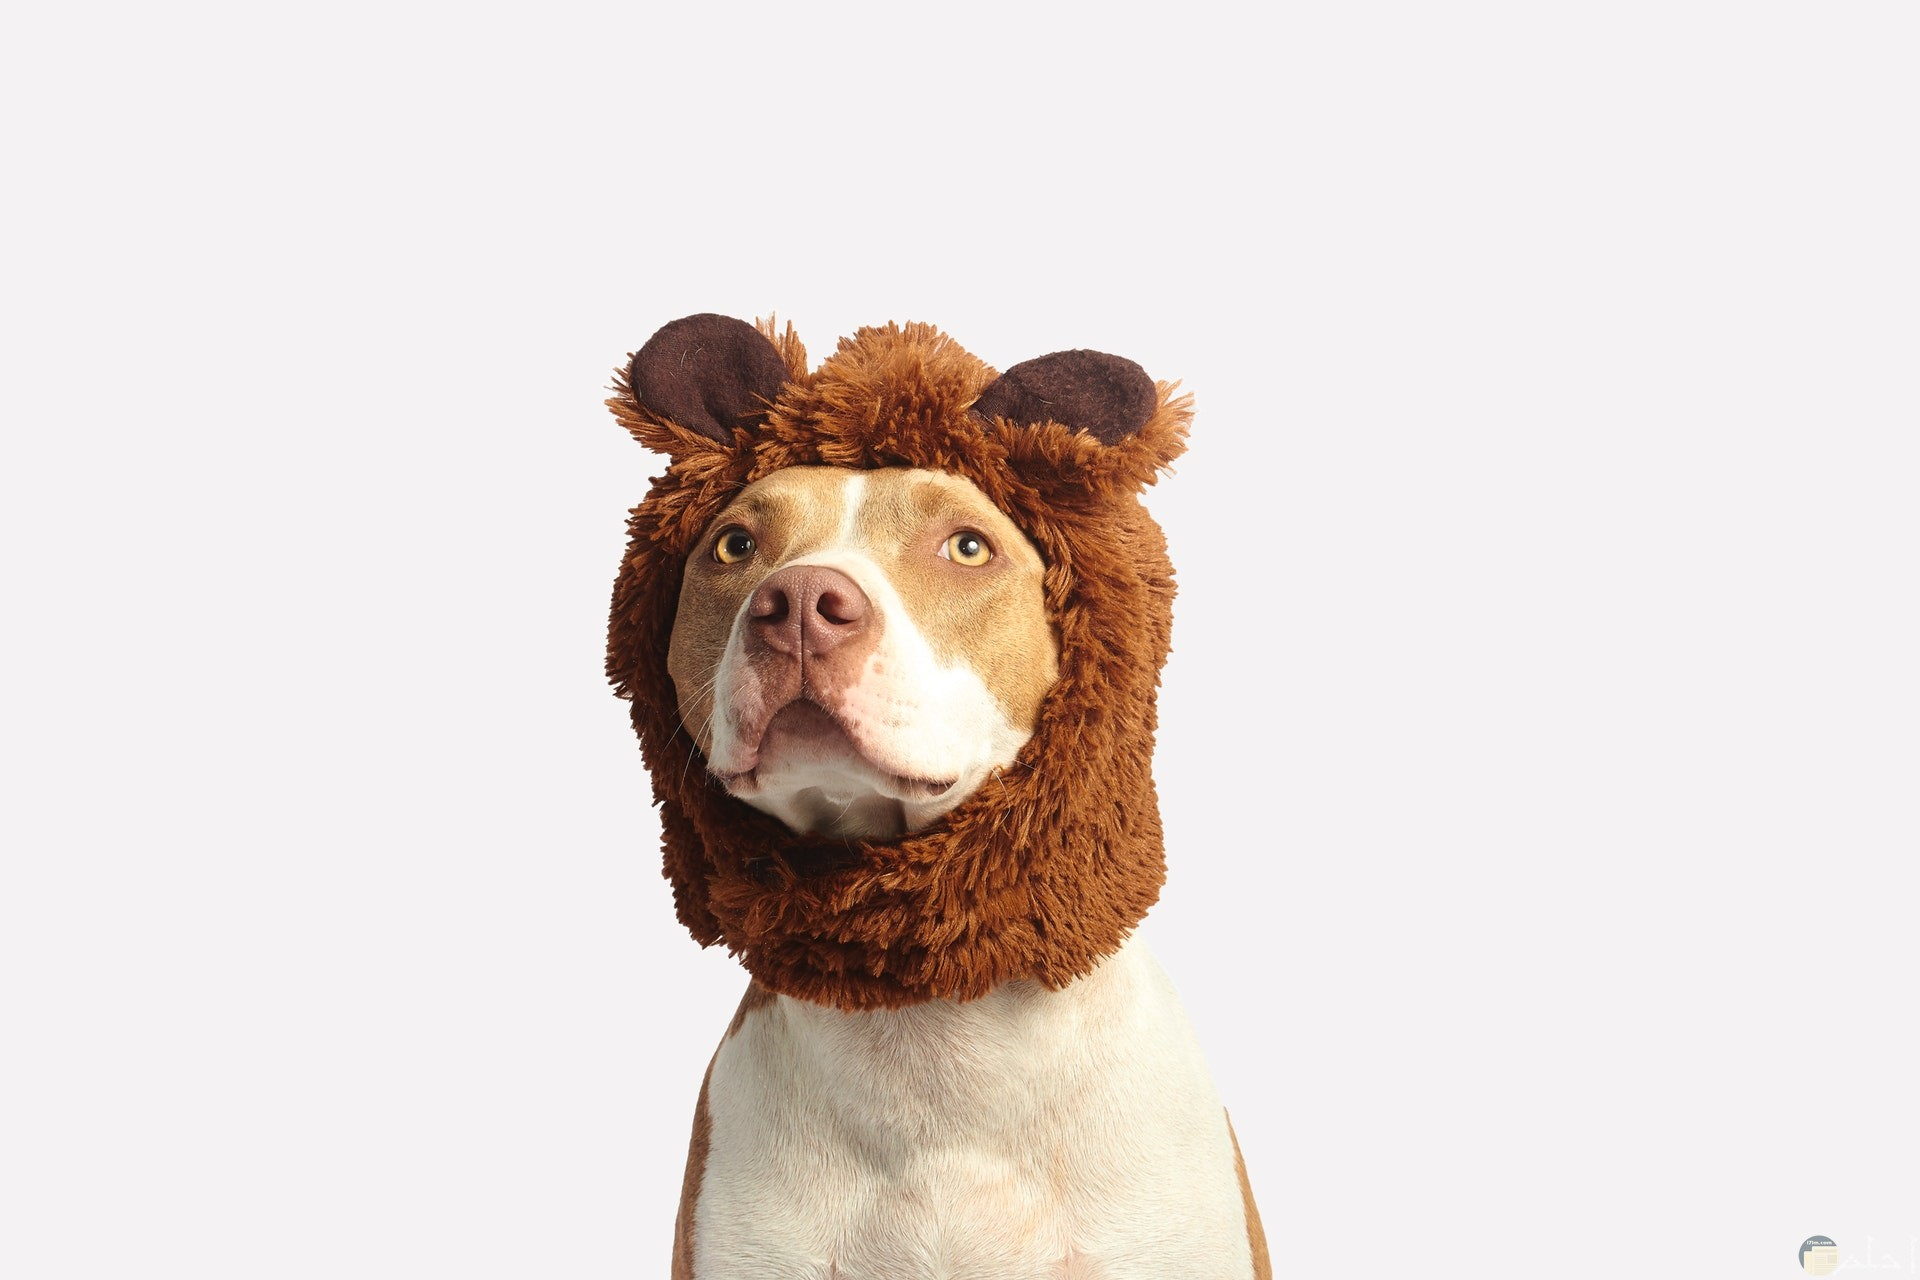 صورة غريبة مضحكة لكلب لابس قبعة بنيه علي رأسه